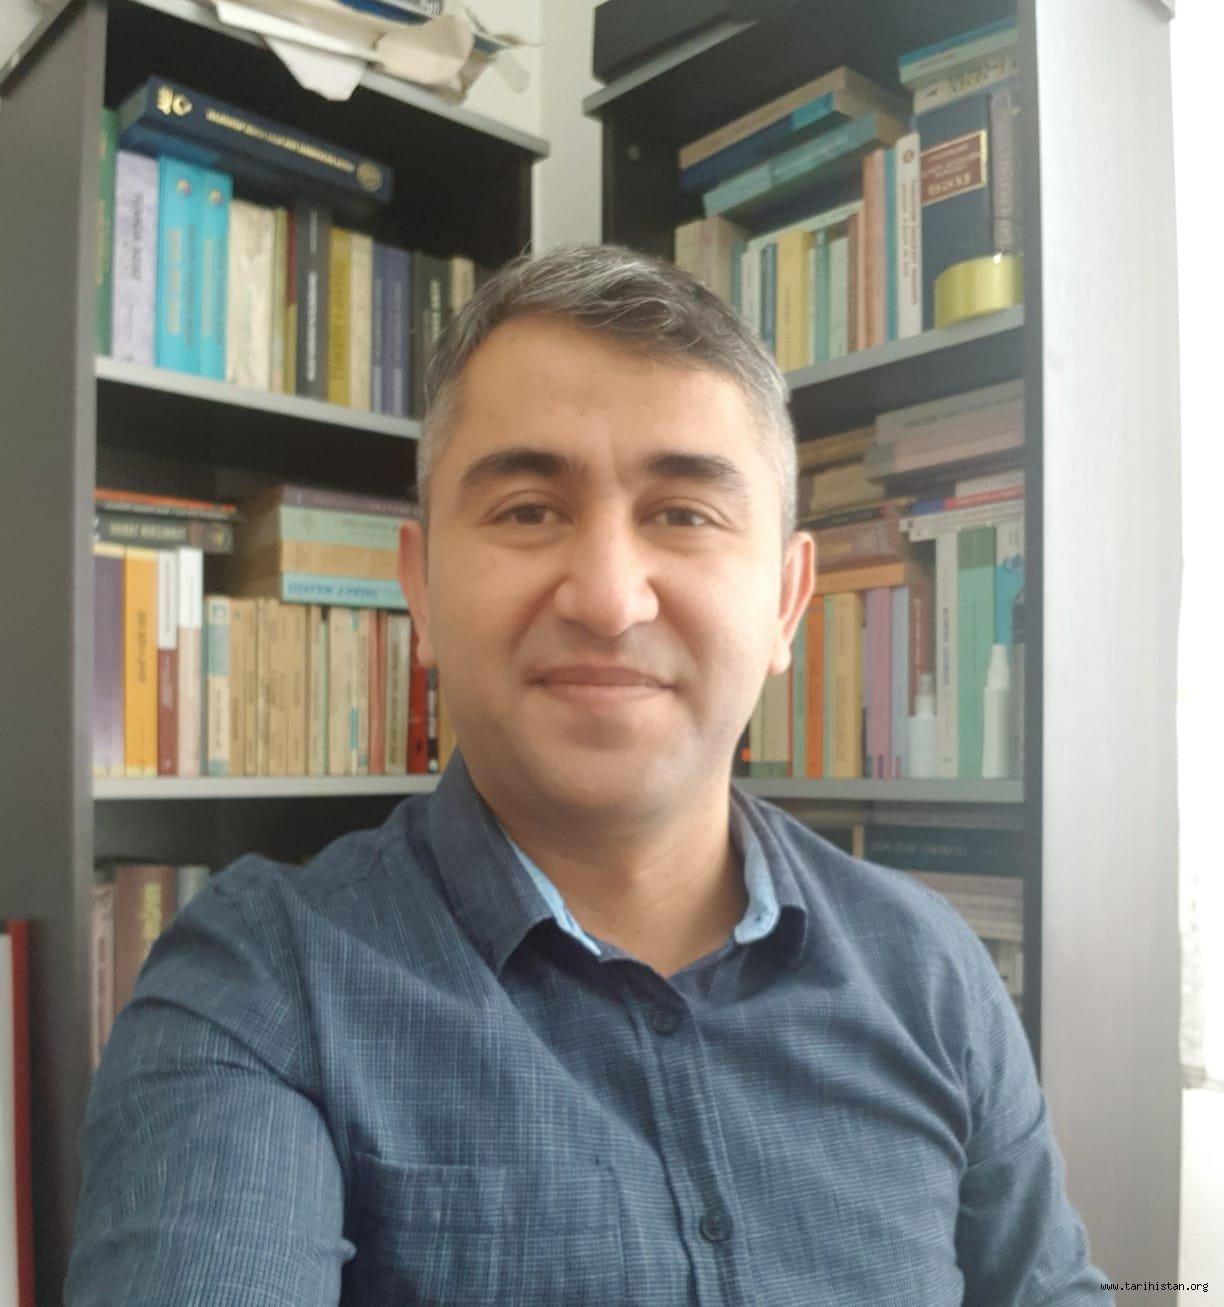 Bir Arap Gazetecinin Çığlığı Üzerine / Öğr. Gör. Ahmet İlteriş Yalın